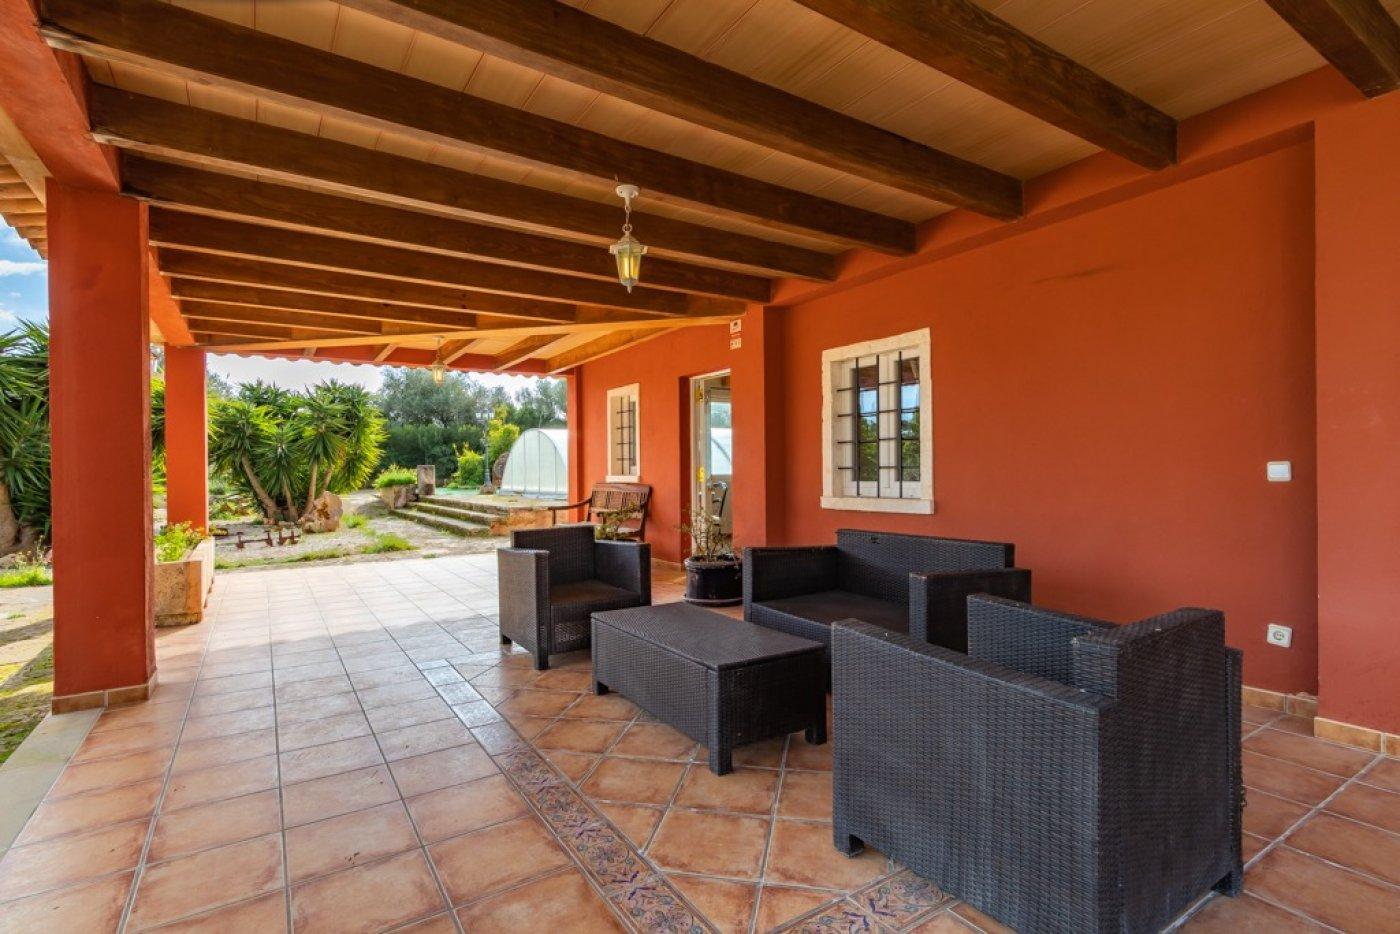 Magnifica villa en ses salines - can somni - ideal inversores turÍsticos - imagenInmueble6